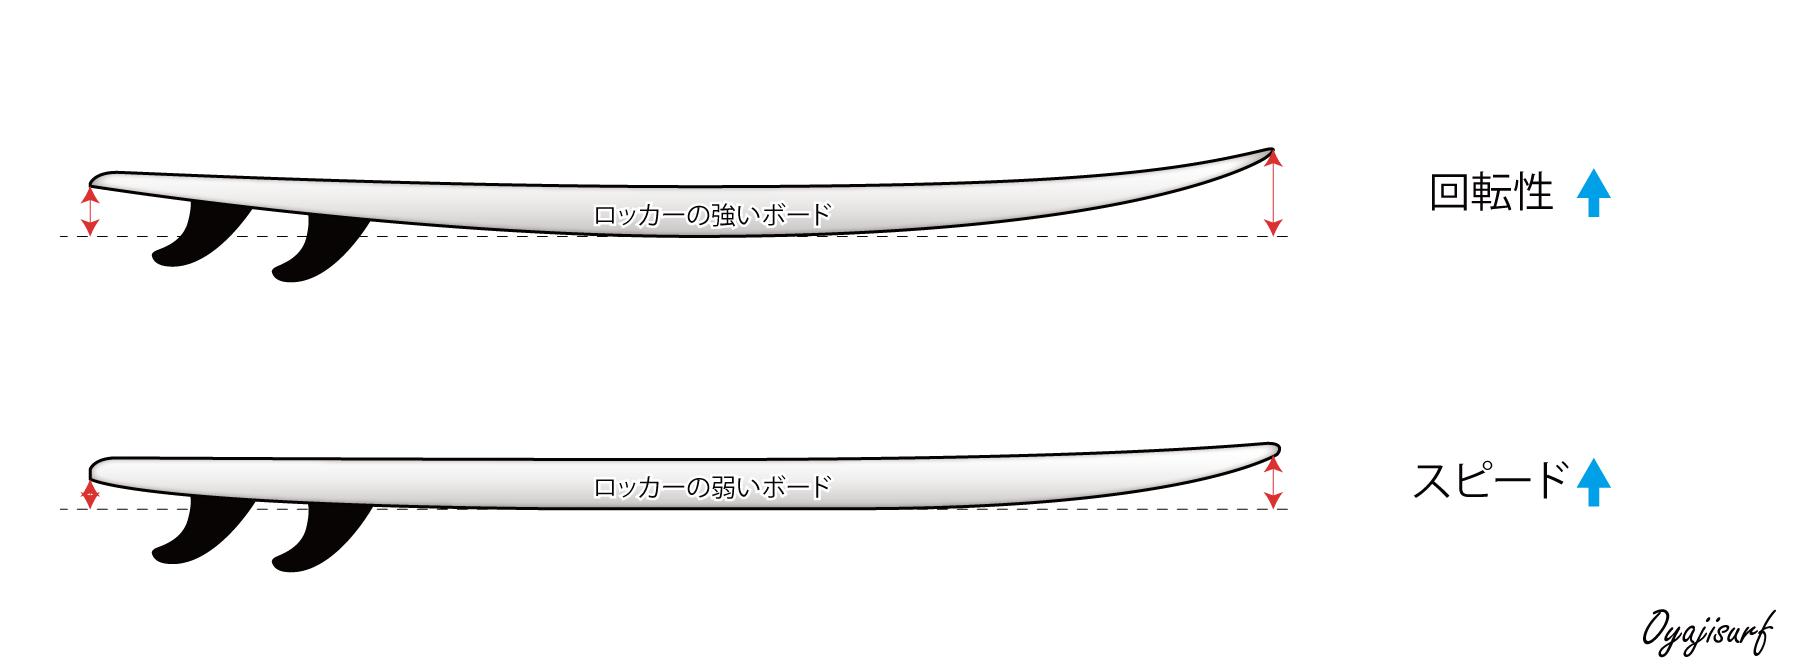 サーフボードロッカーの特徴